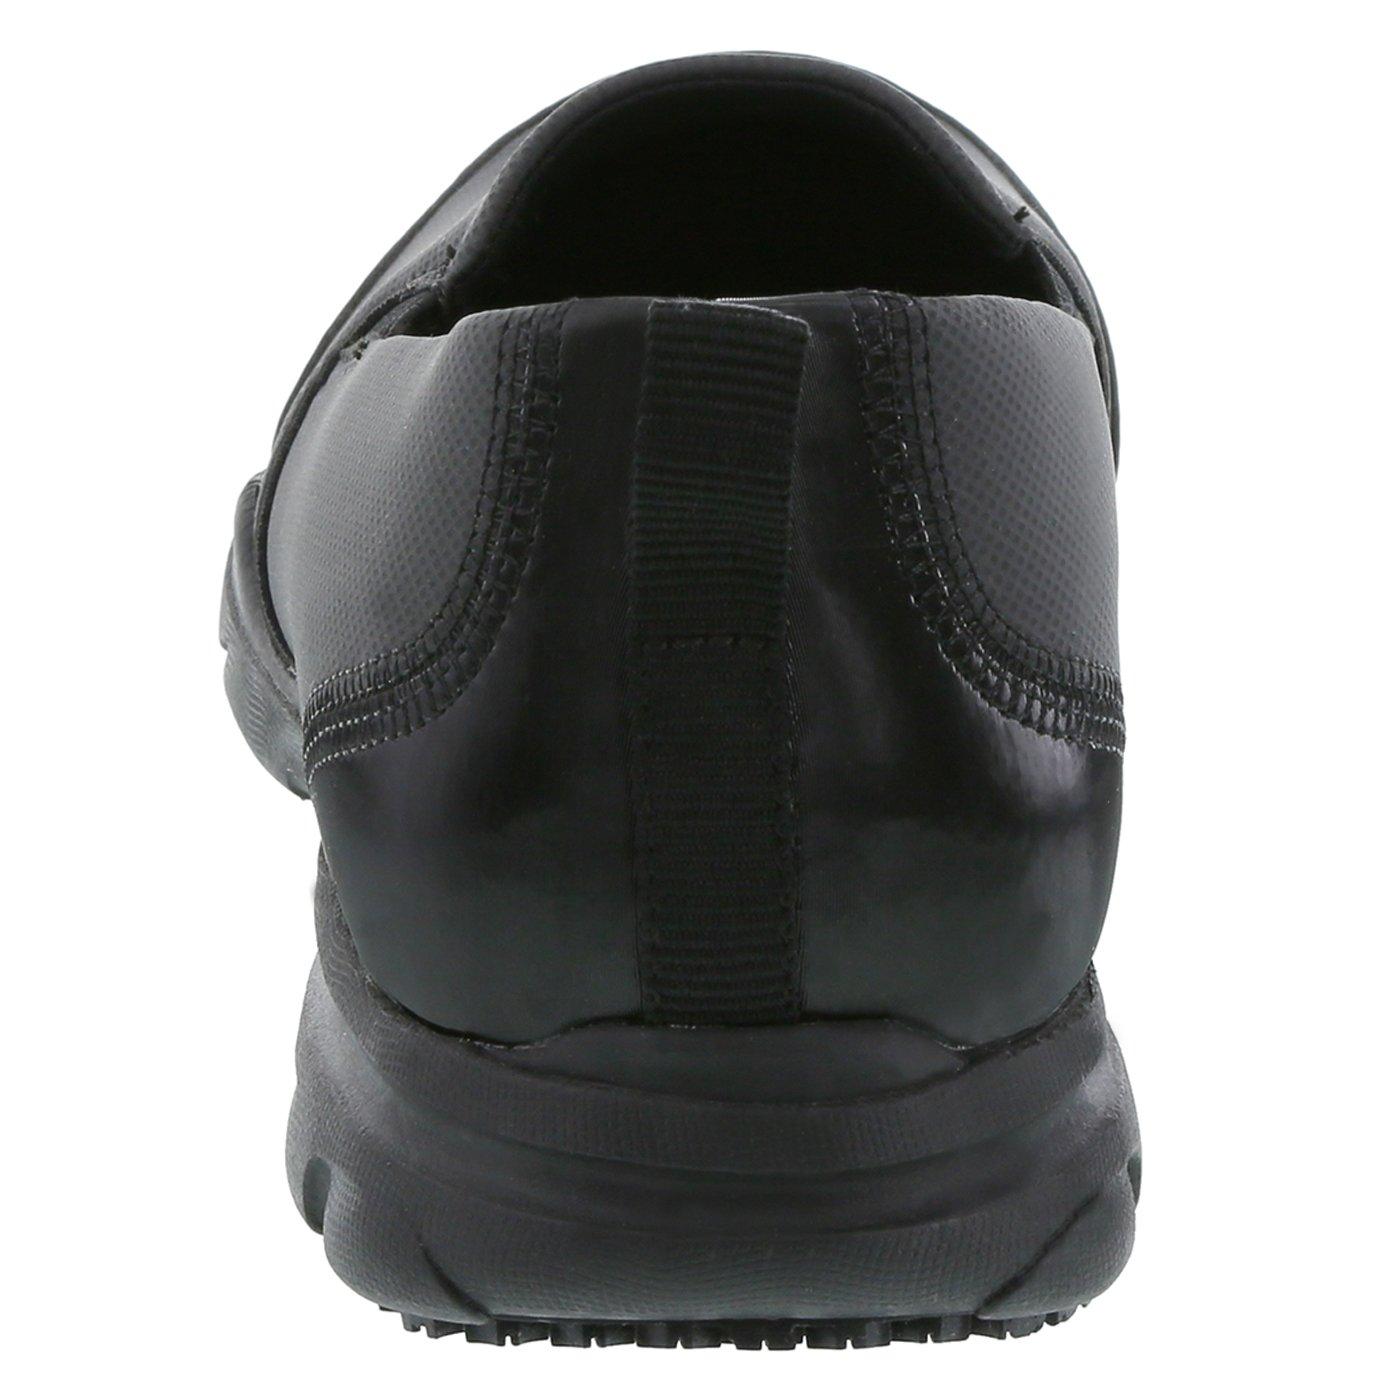 safeTstep Slip Resistant Women's Black Women's Camina Slip-On 10 Wide by safeTstep (Image #3)